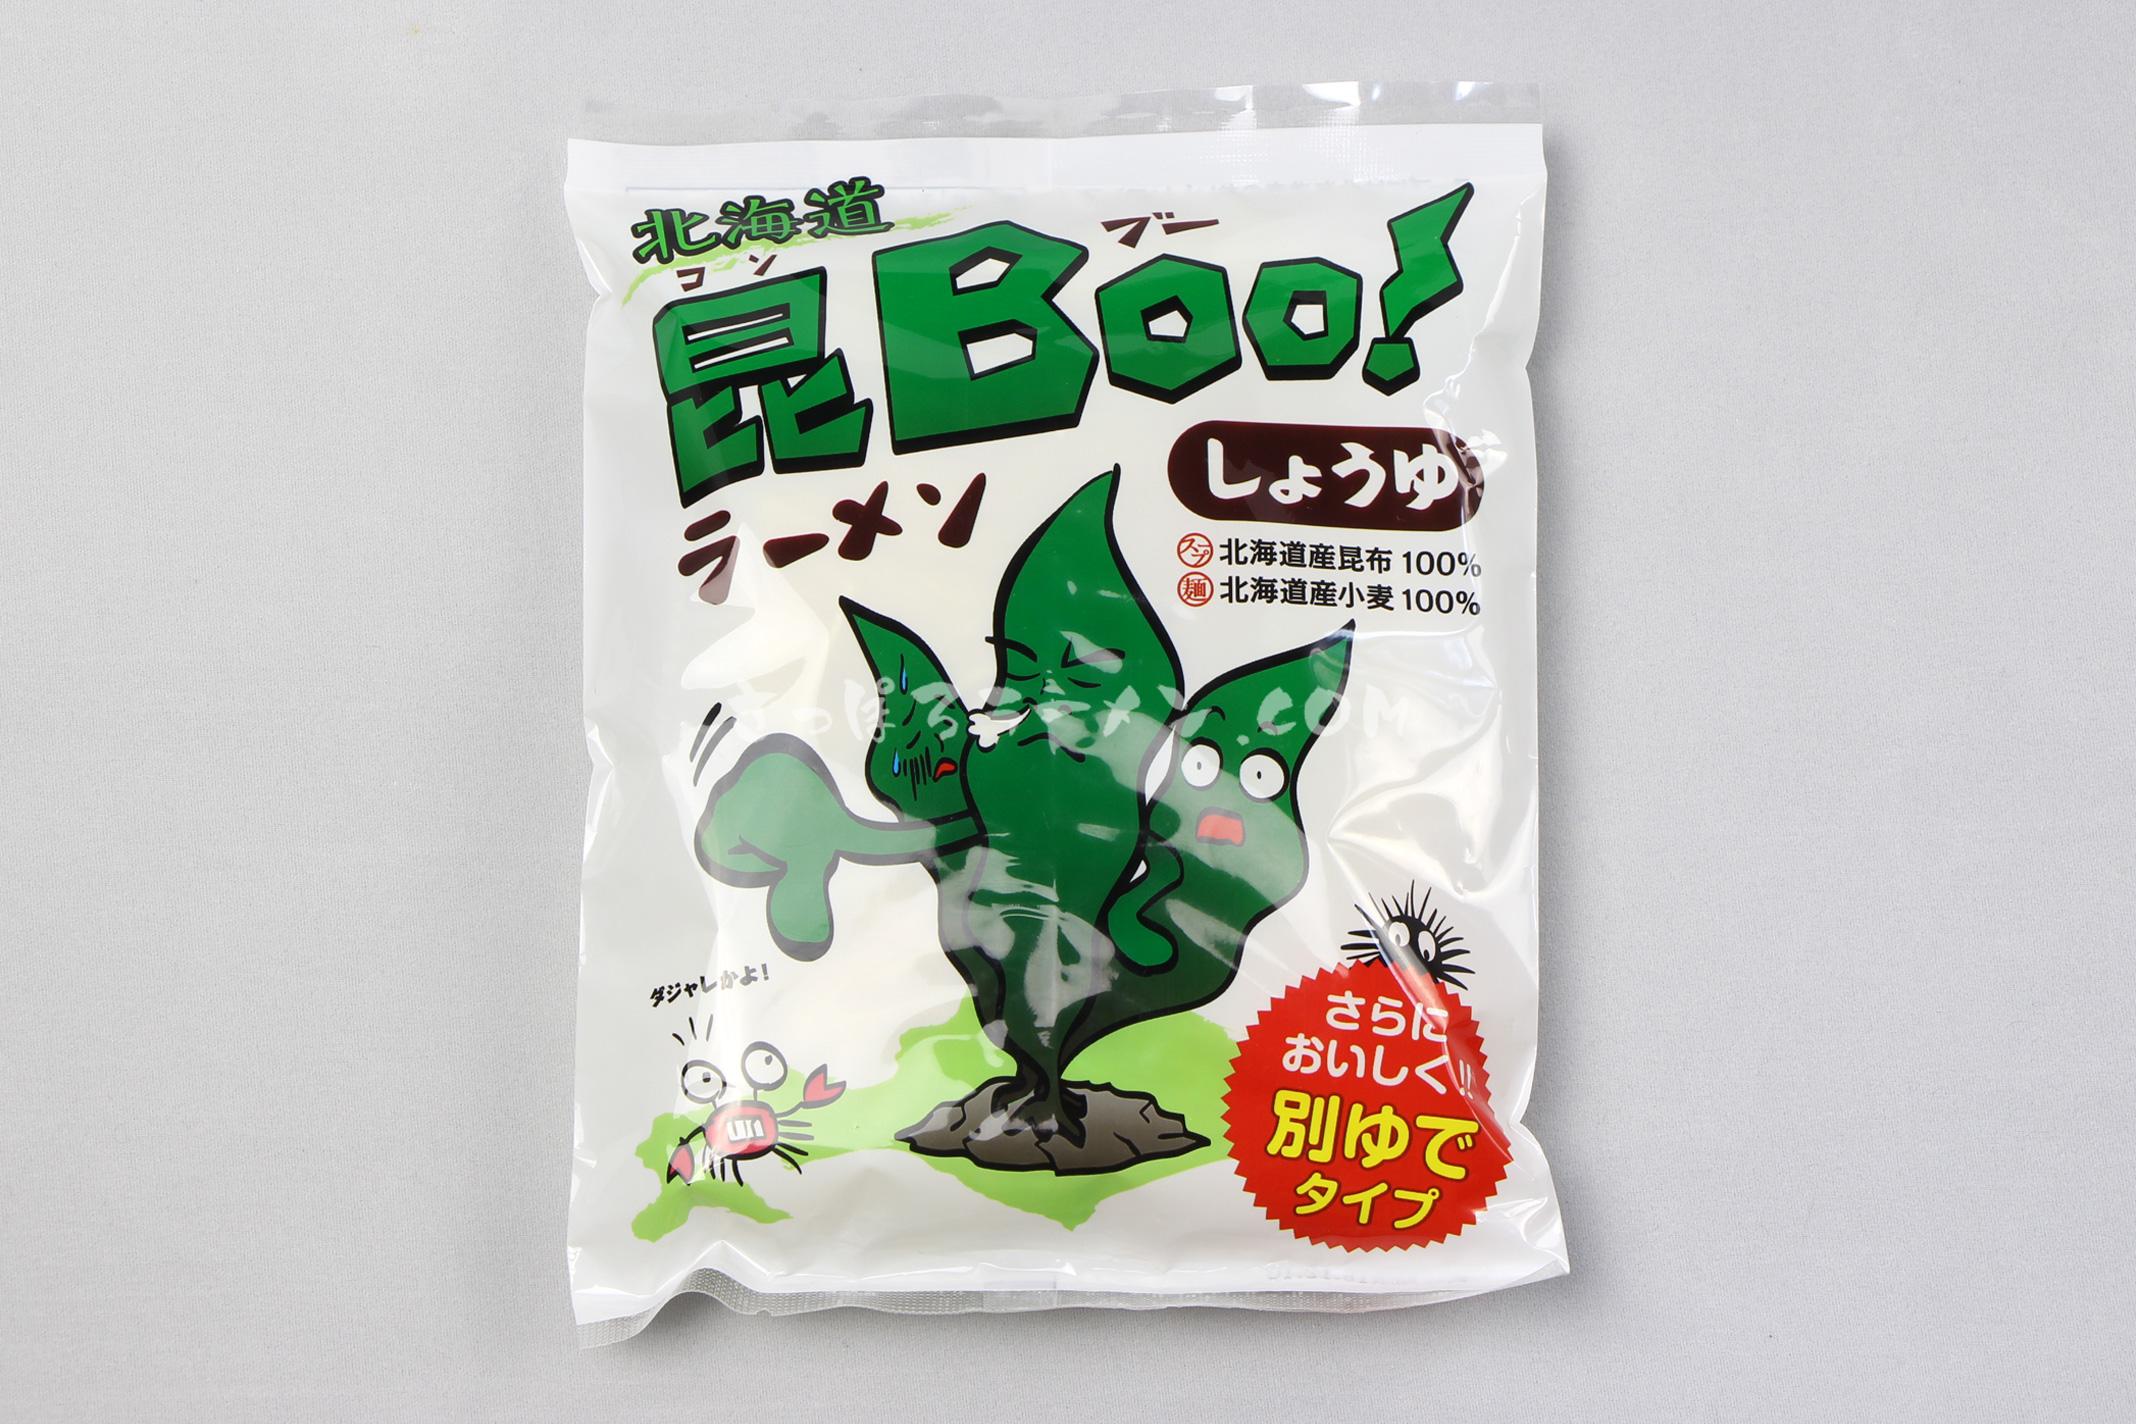 「北海道 昆Boo!ラーメン しょうゆ」(えぞキッチン)のパッケージ(表)